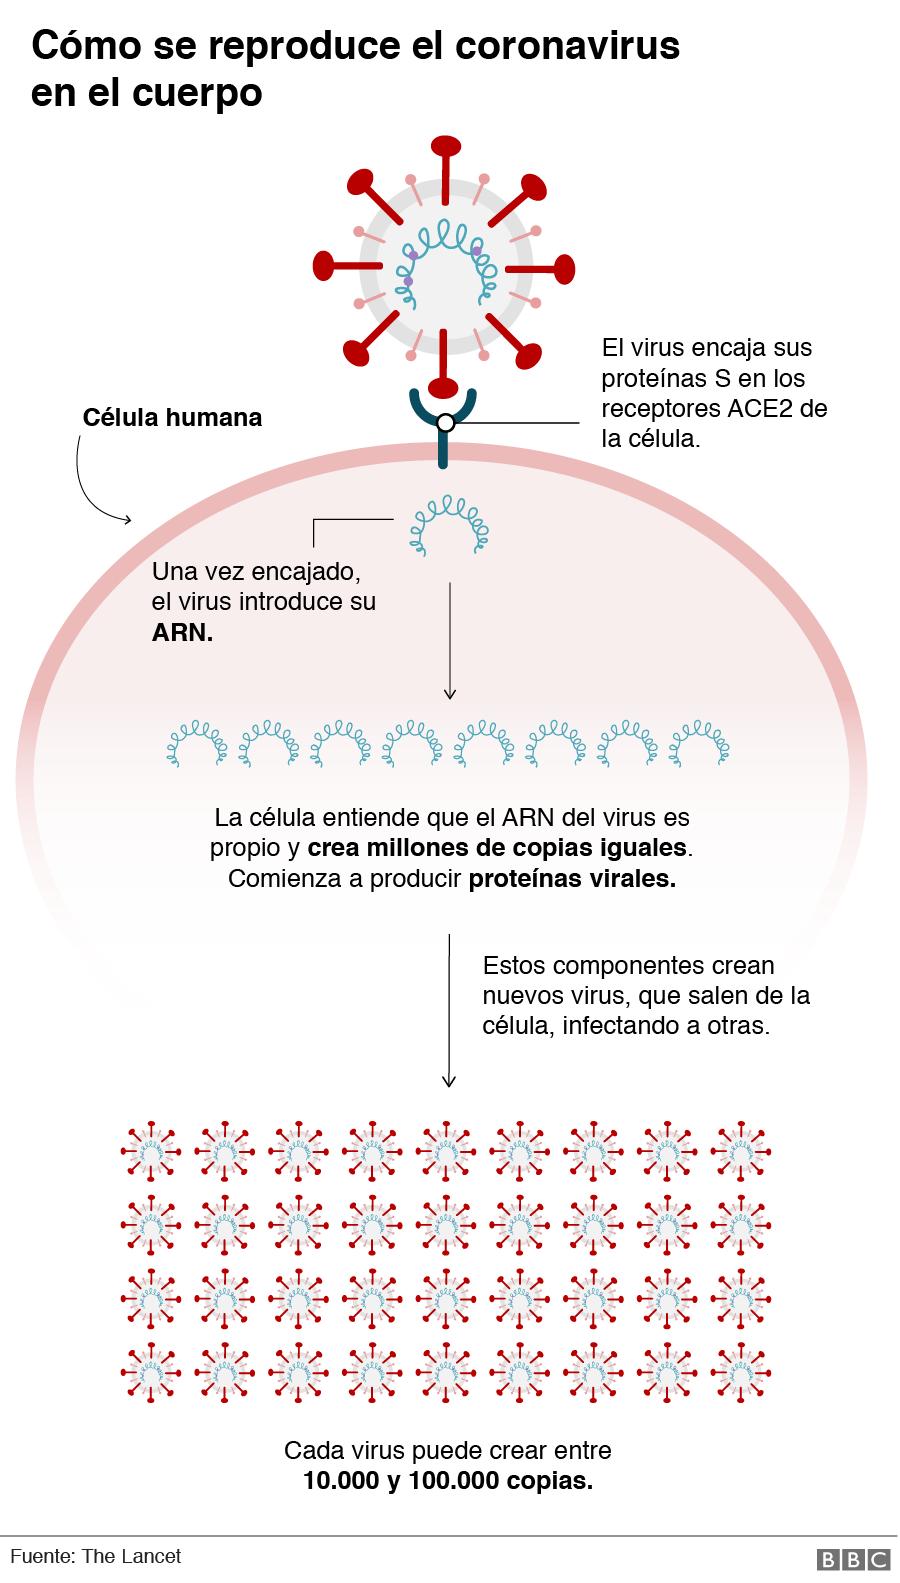 diferenciar entre bacterias, virus y parásitos